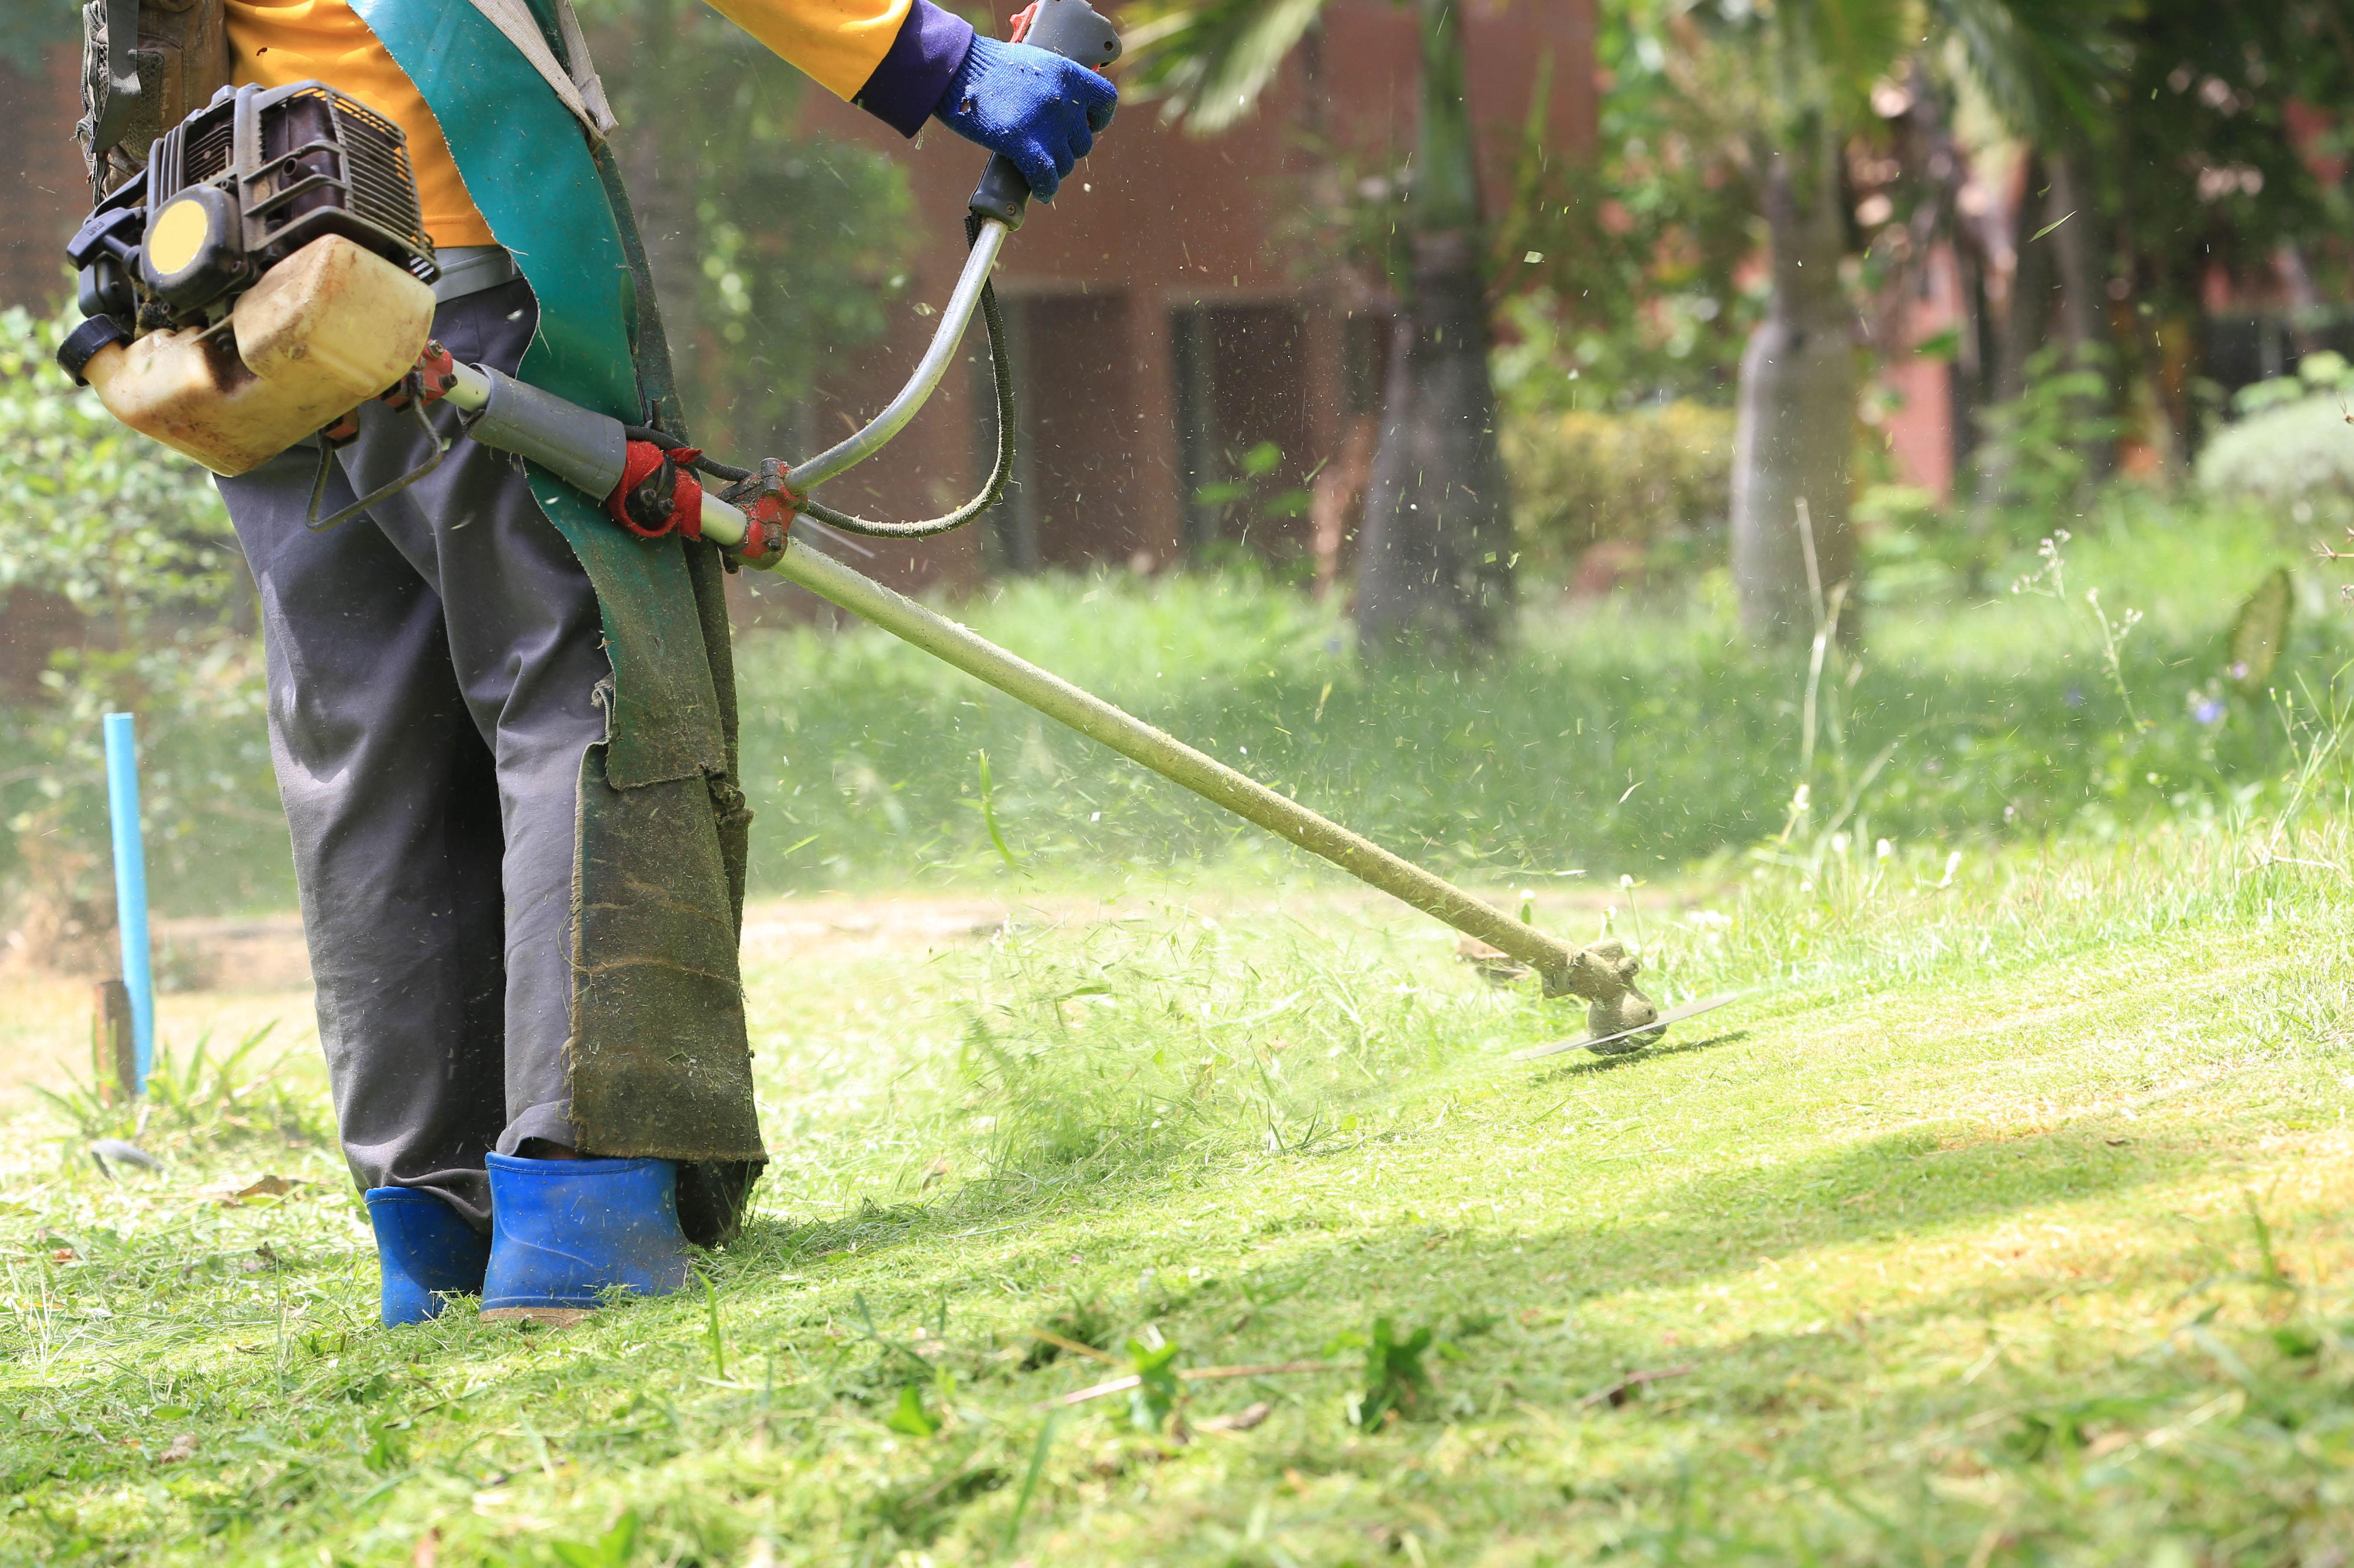 Limpieza de jardines : Servicios  de Jardinería Algarrada